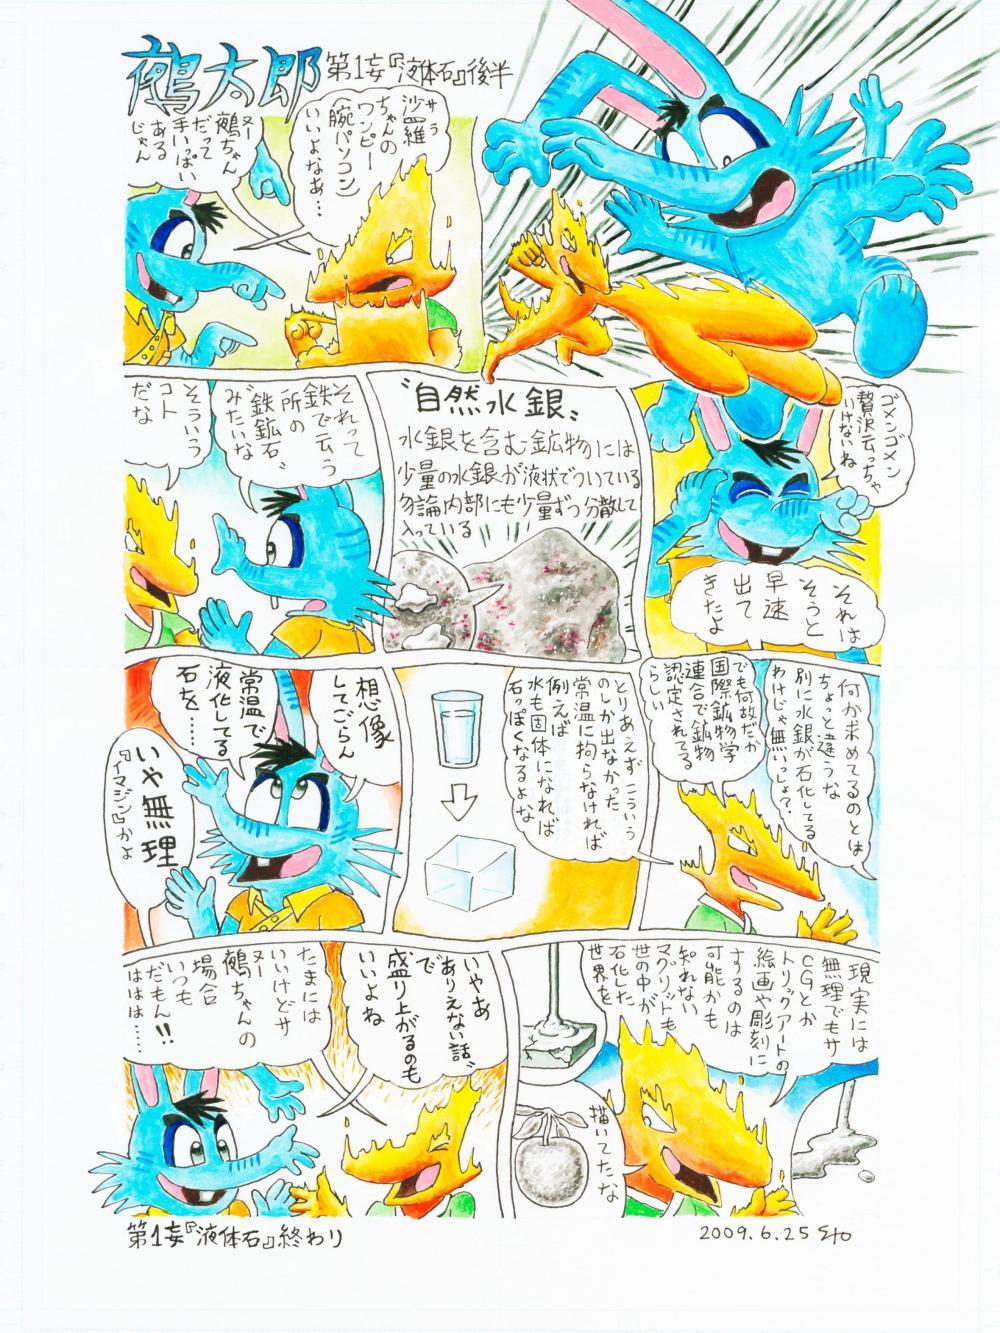 犭夜太郎(1)後半 2009.6.25